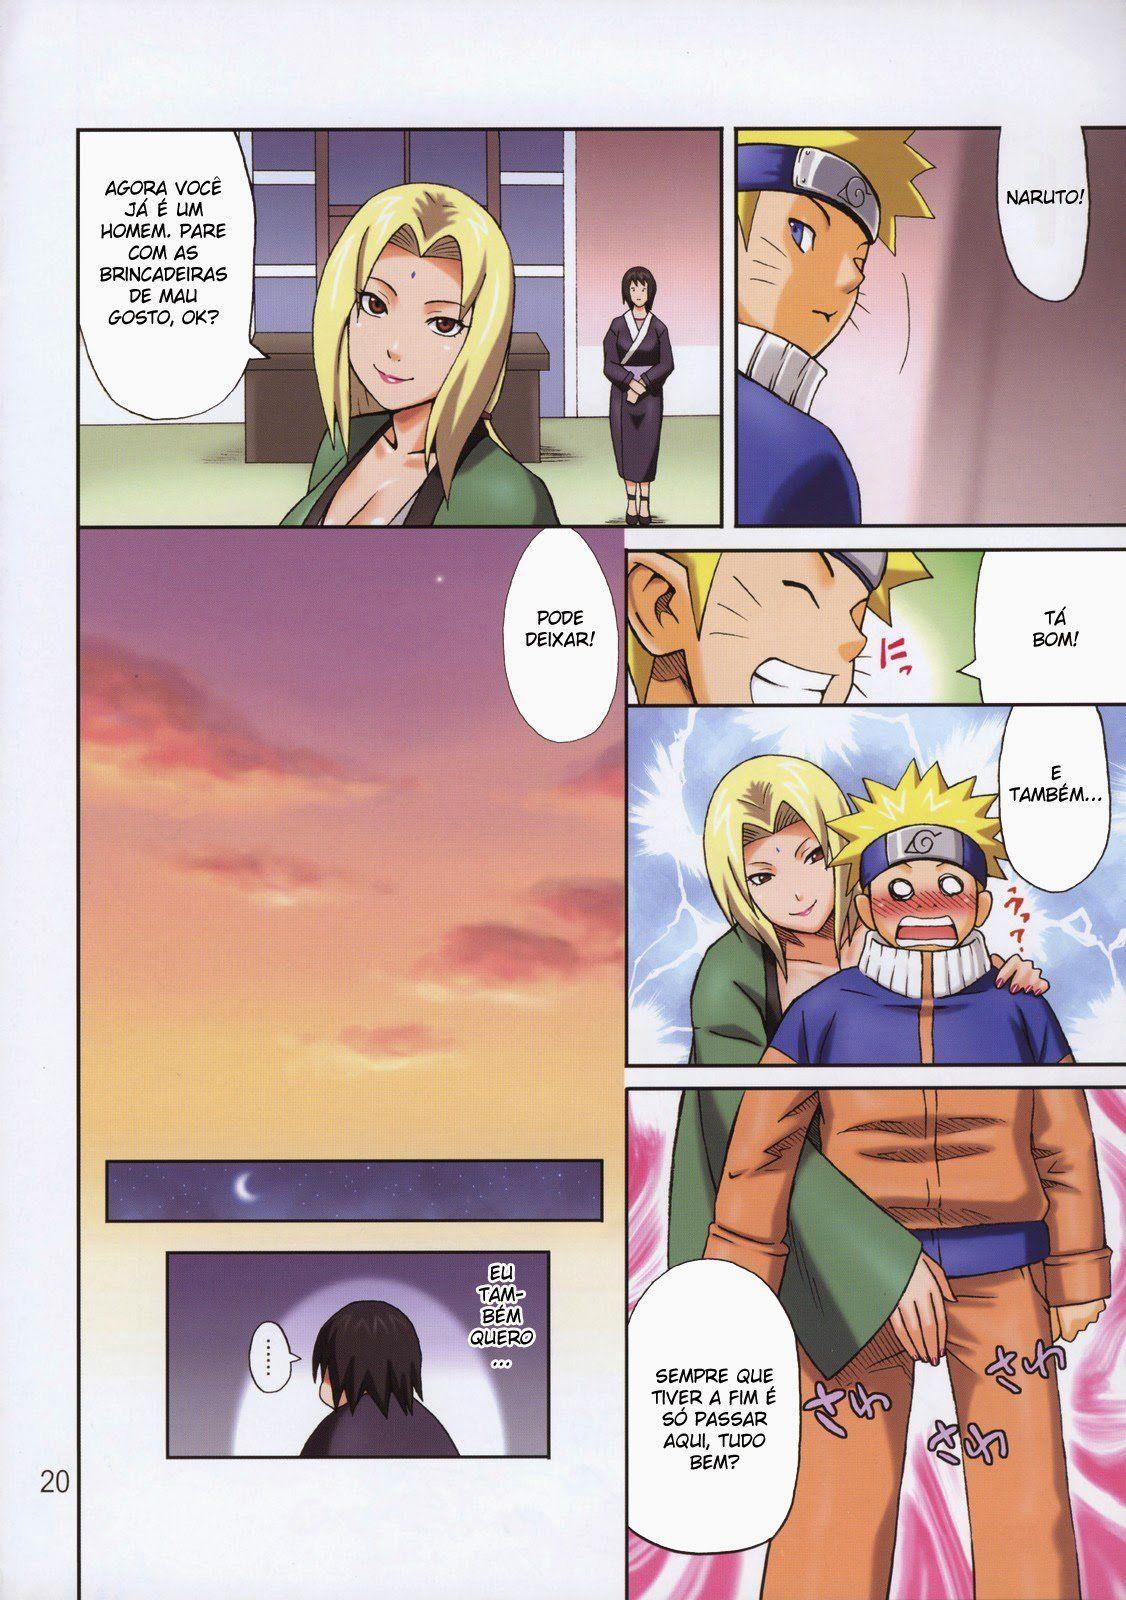 Naruto Hentai Colorido - Naruto fazendo sexo com todo mundo